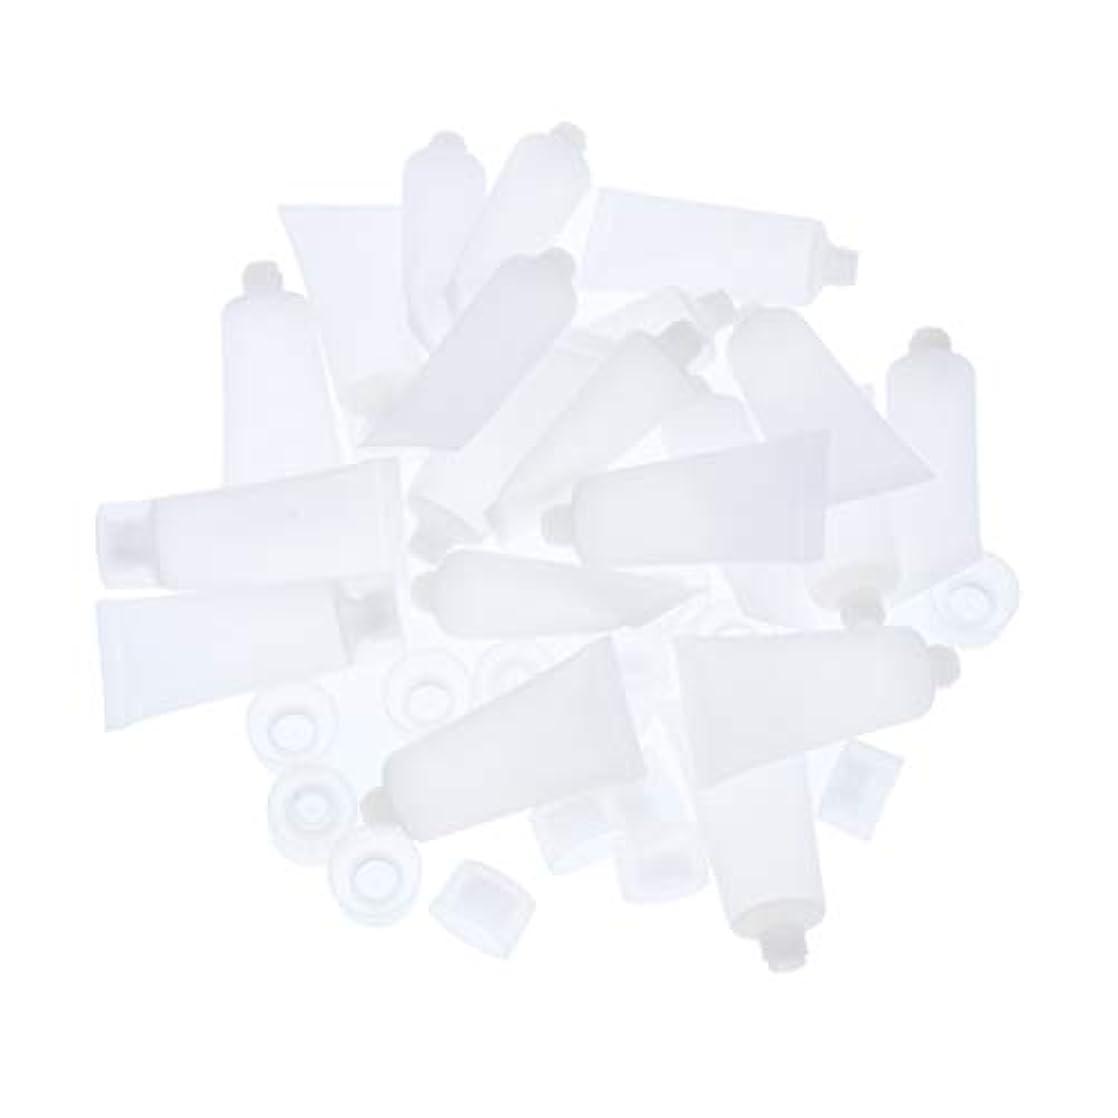 承知しました穏やかな侵入するTachiuwa プラスチック 小分けボルト 化粧品ボルト クリームボルト 詰替え容器 旅行用品 約20個 全4サイズ - 20ml